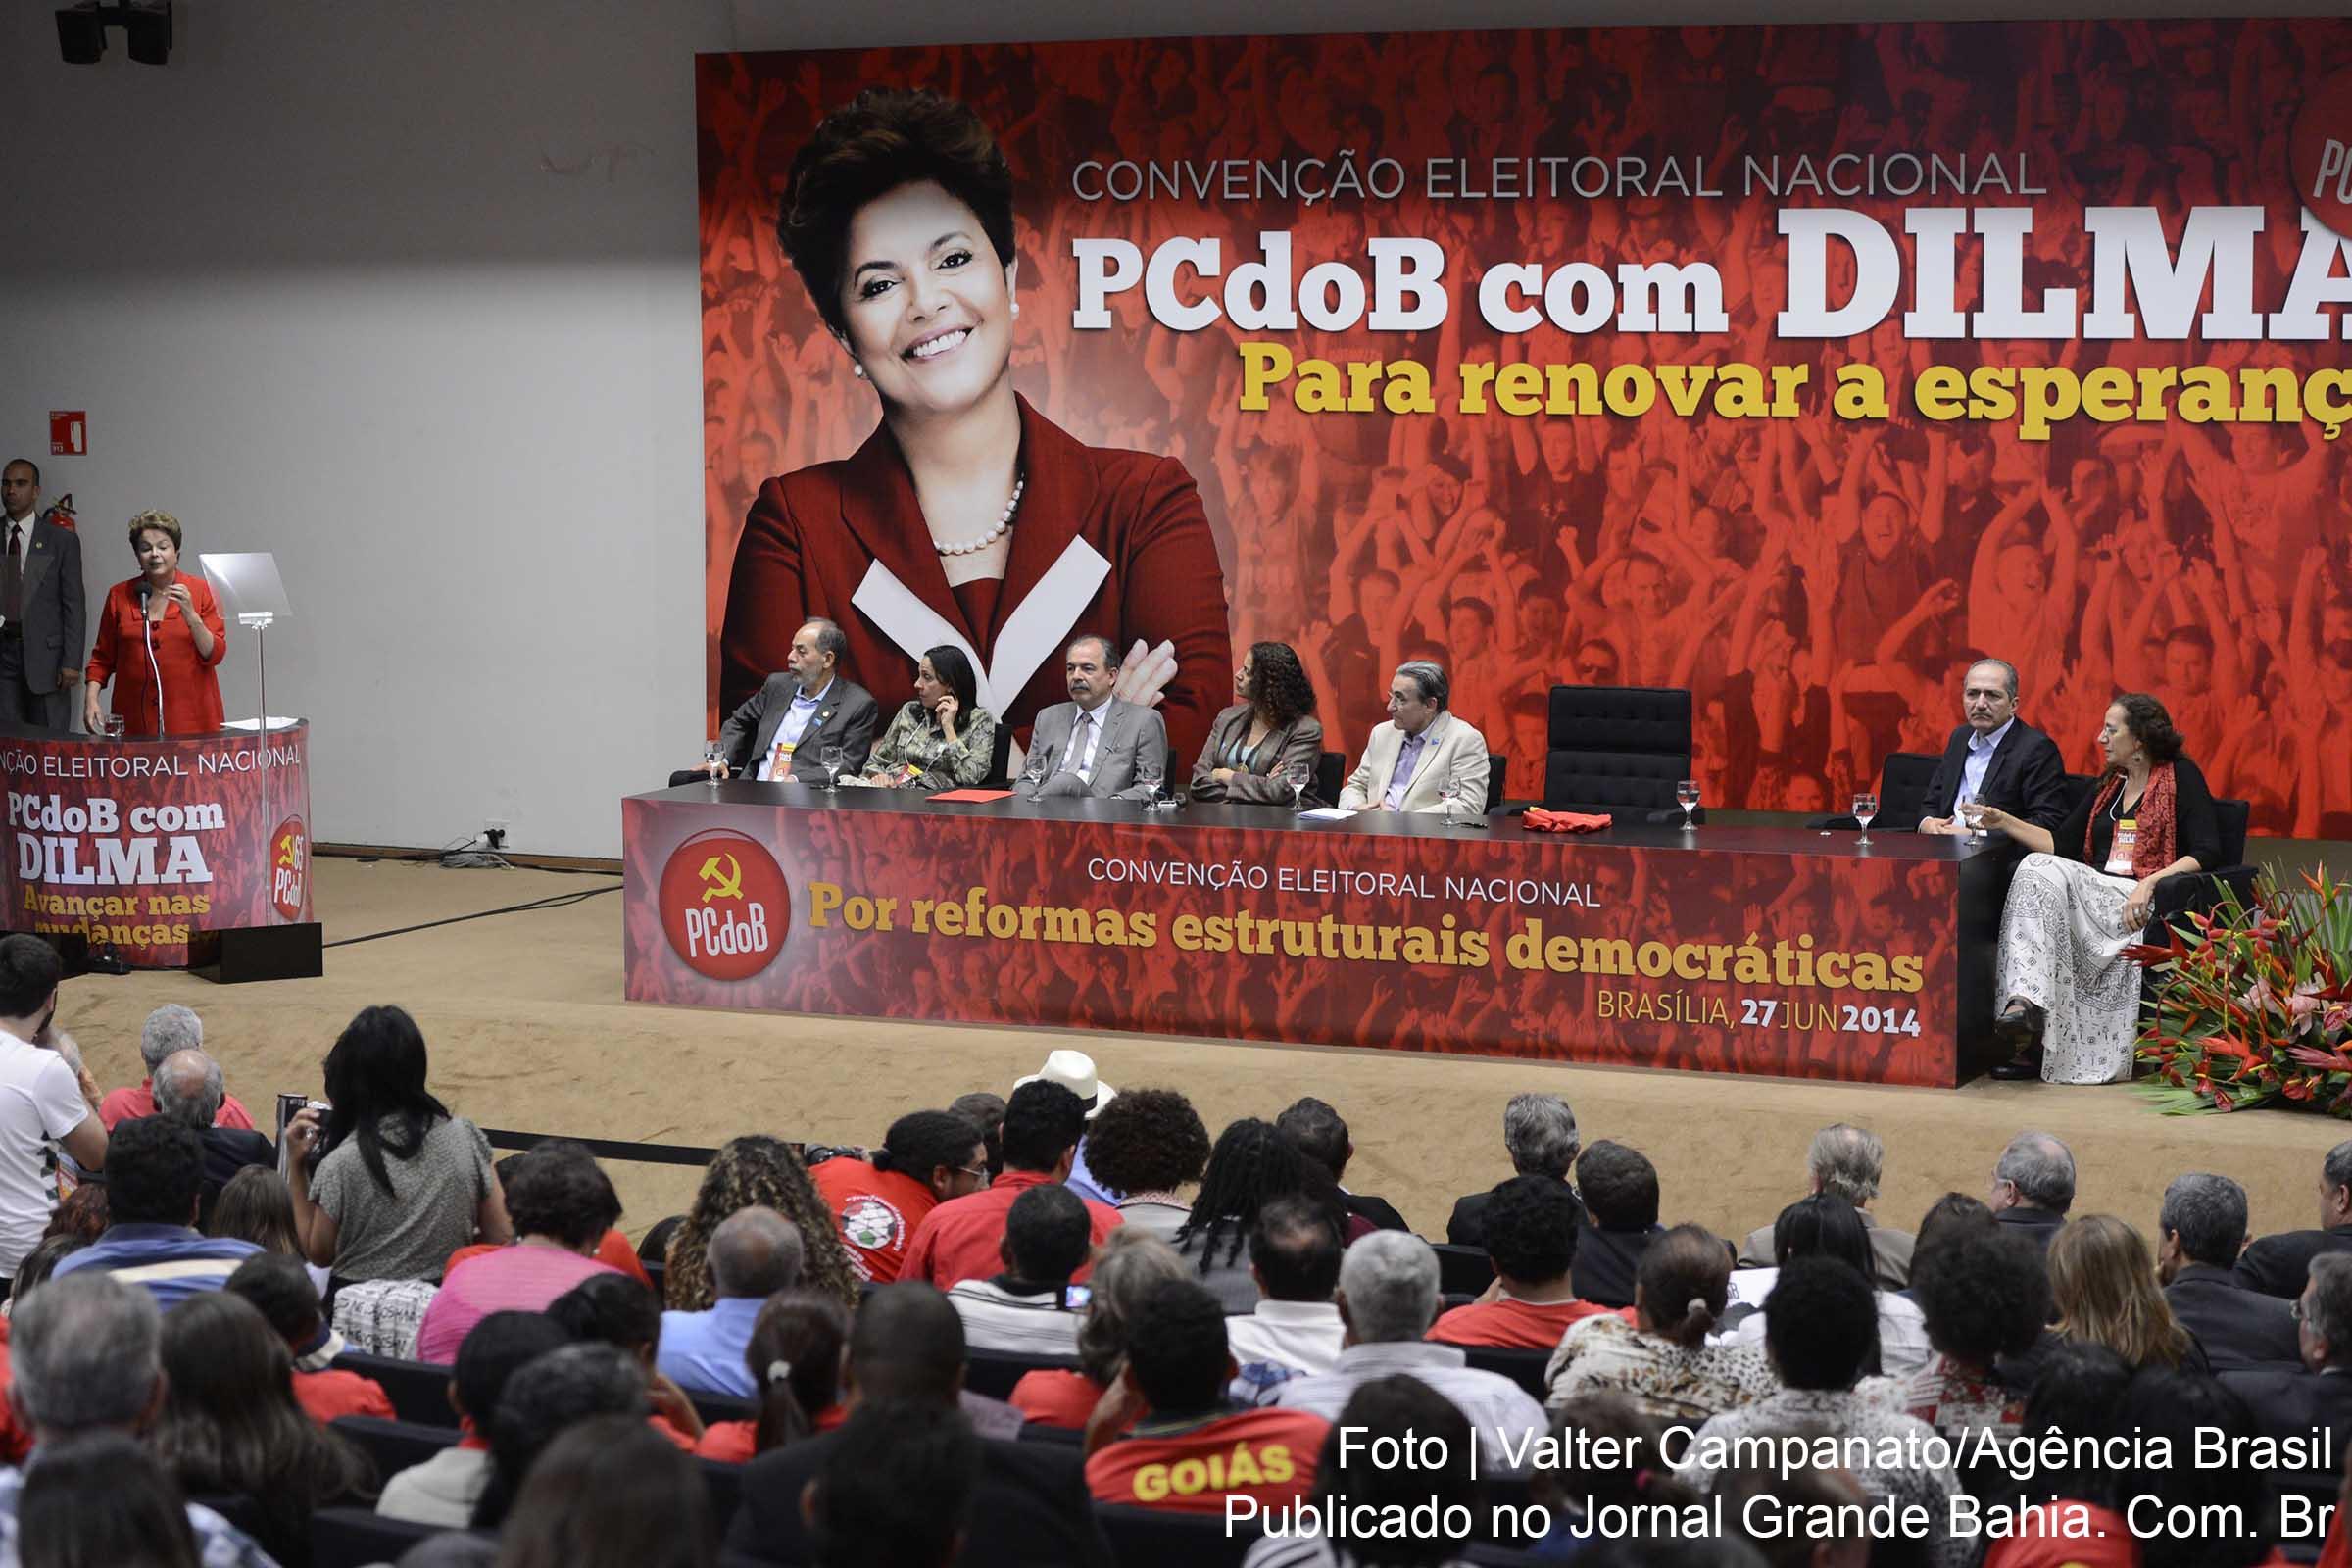 Dilma con gli alleati del Partito Comunista del Brasile (PCdoB)